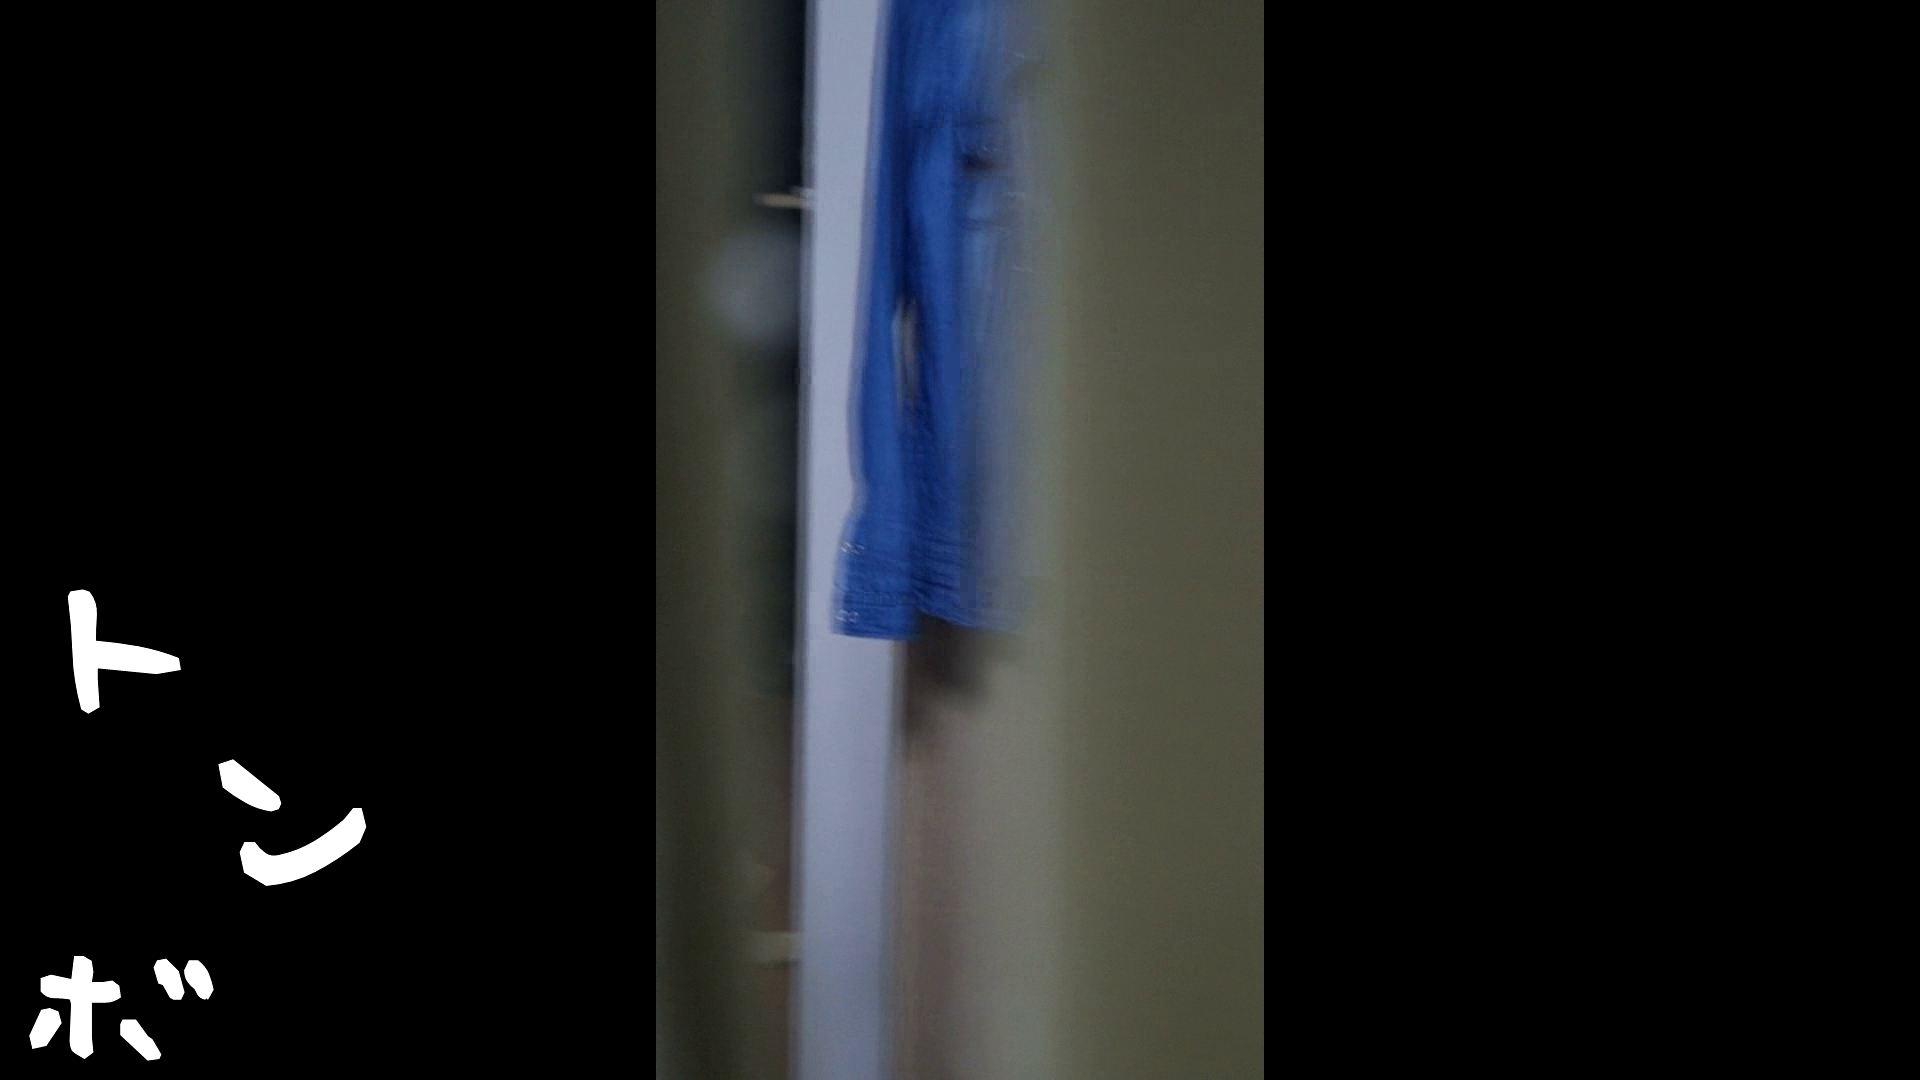 リアル盗撮 北欧留学生一人暮らし部屋ヌード 美女達のヌード   盗撮エロすぎ  102連発 65